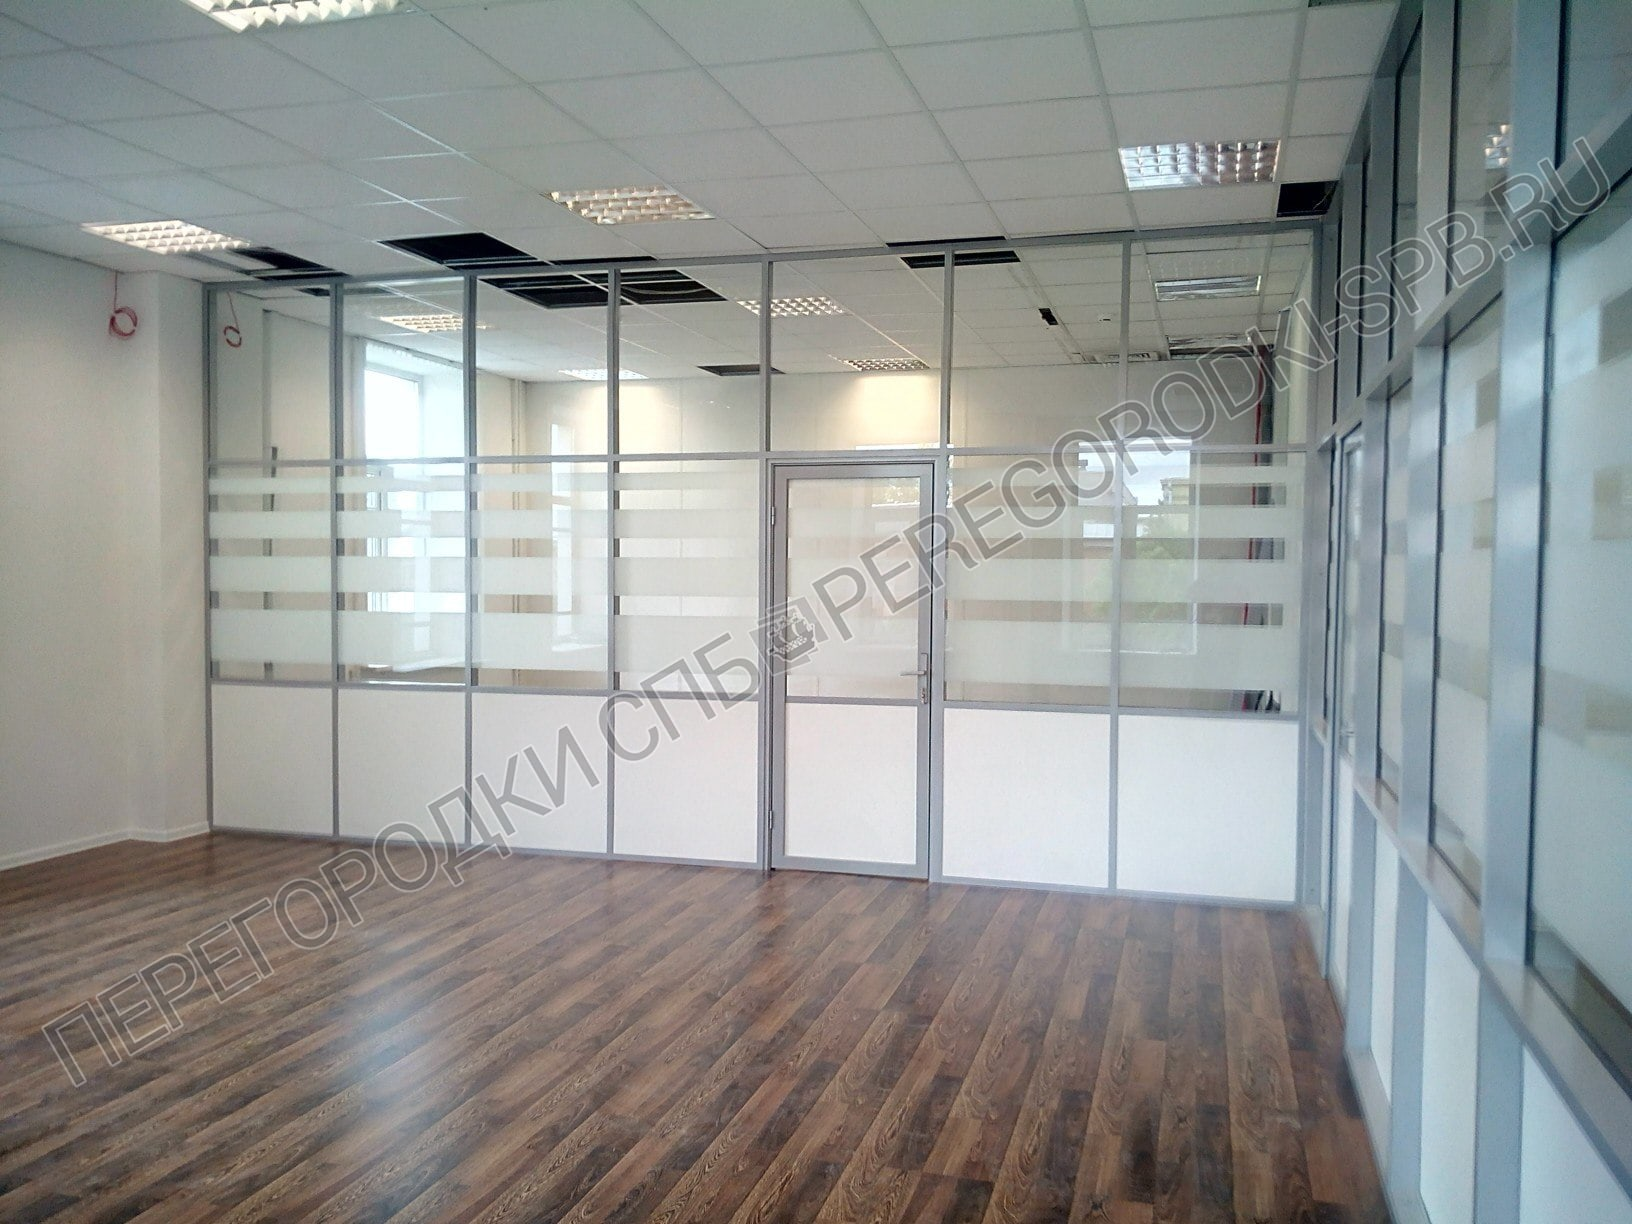 Стационарные офисные перегородки в офис Таксовичкоф